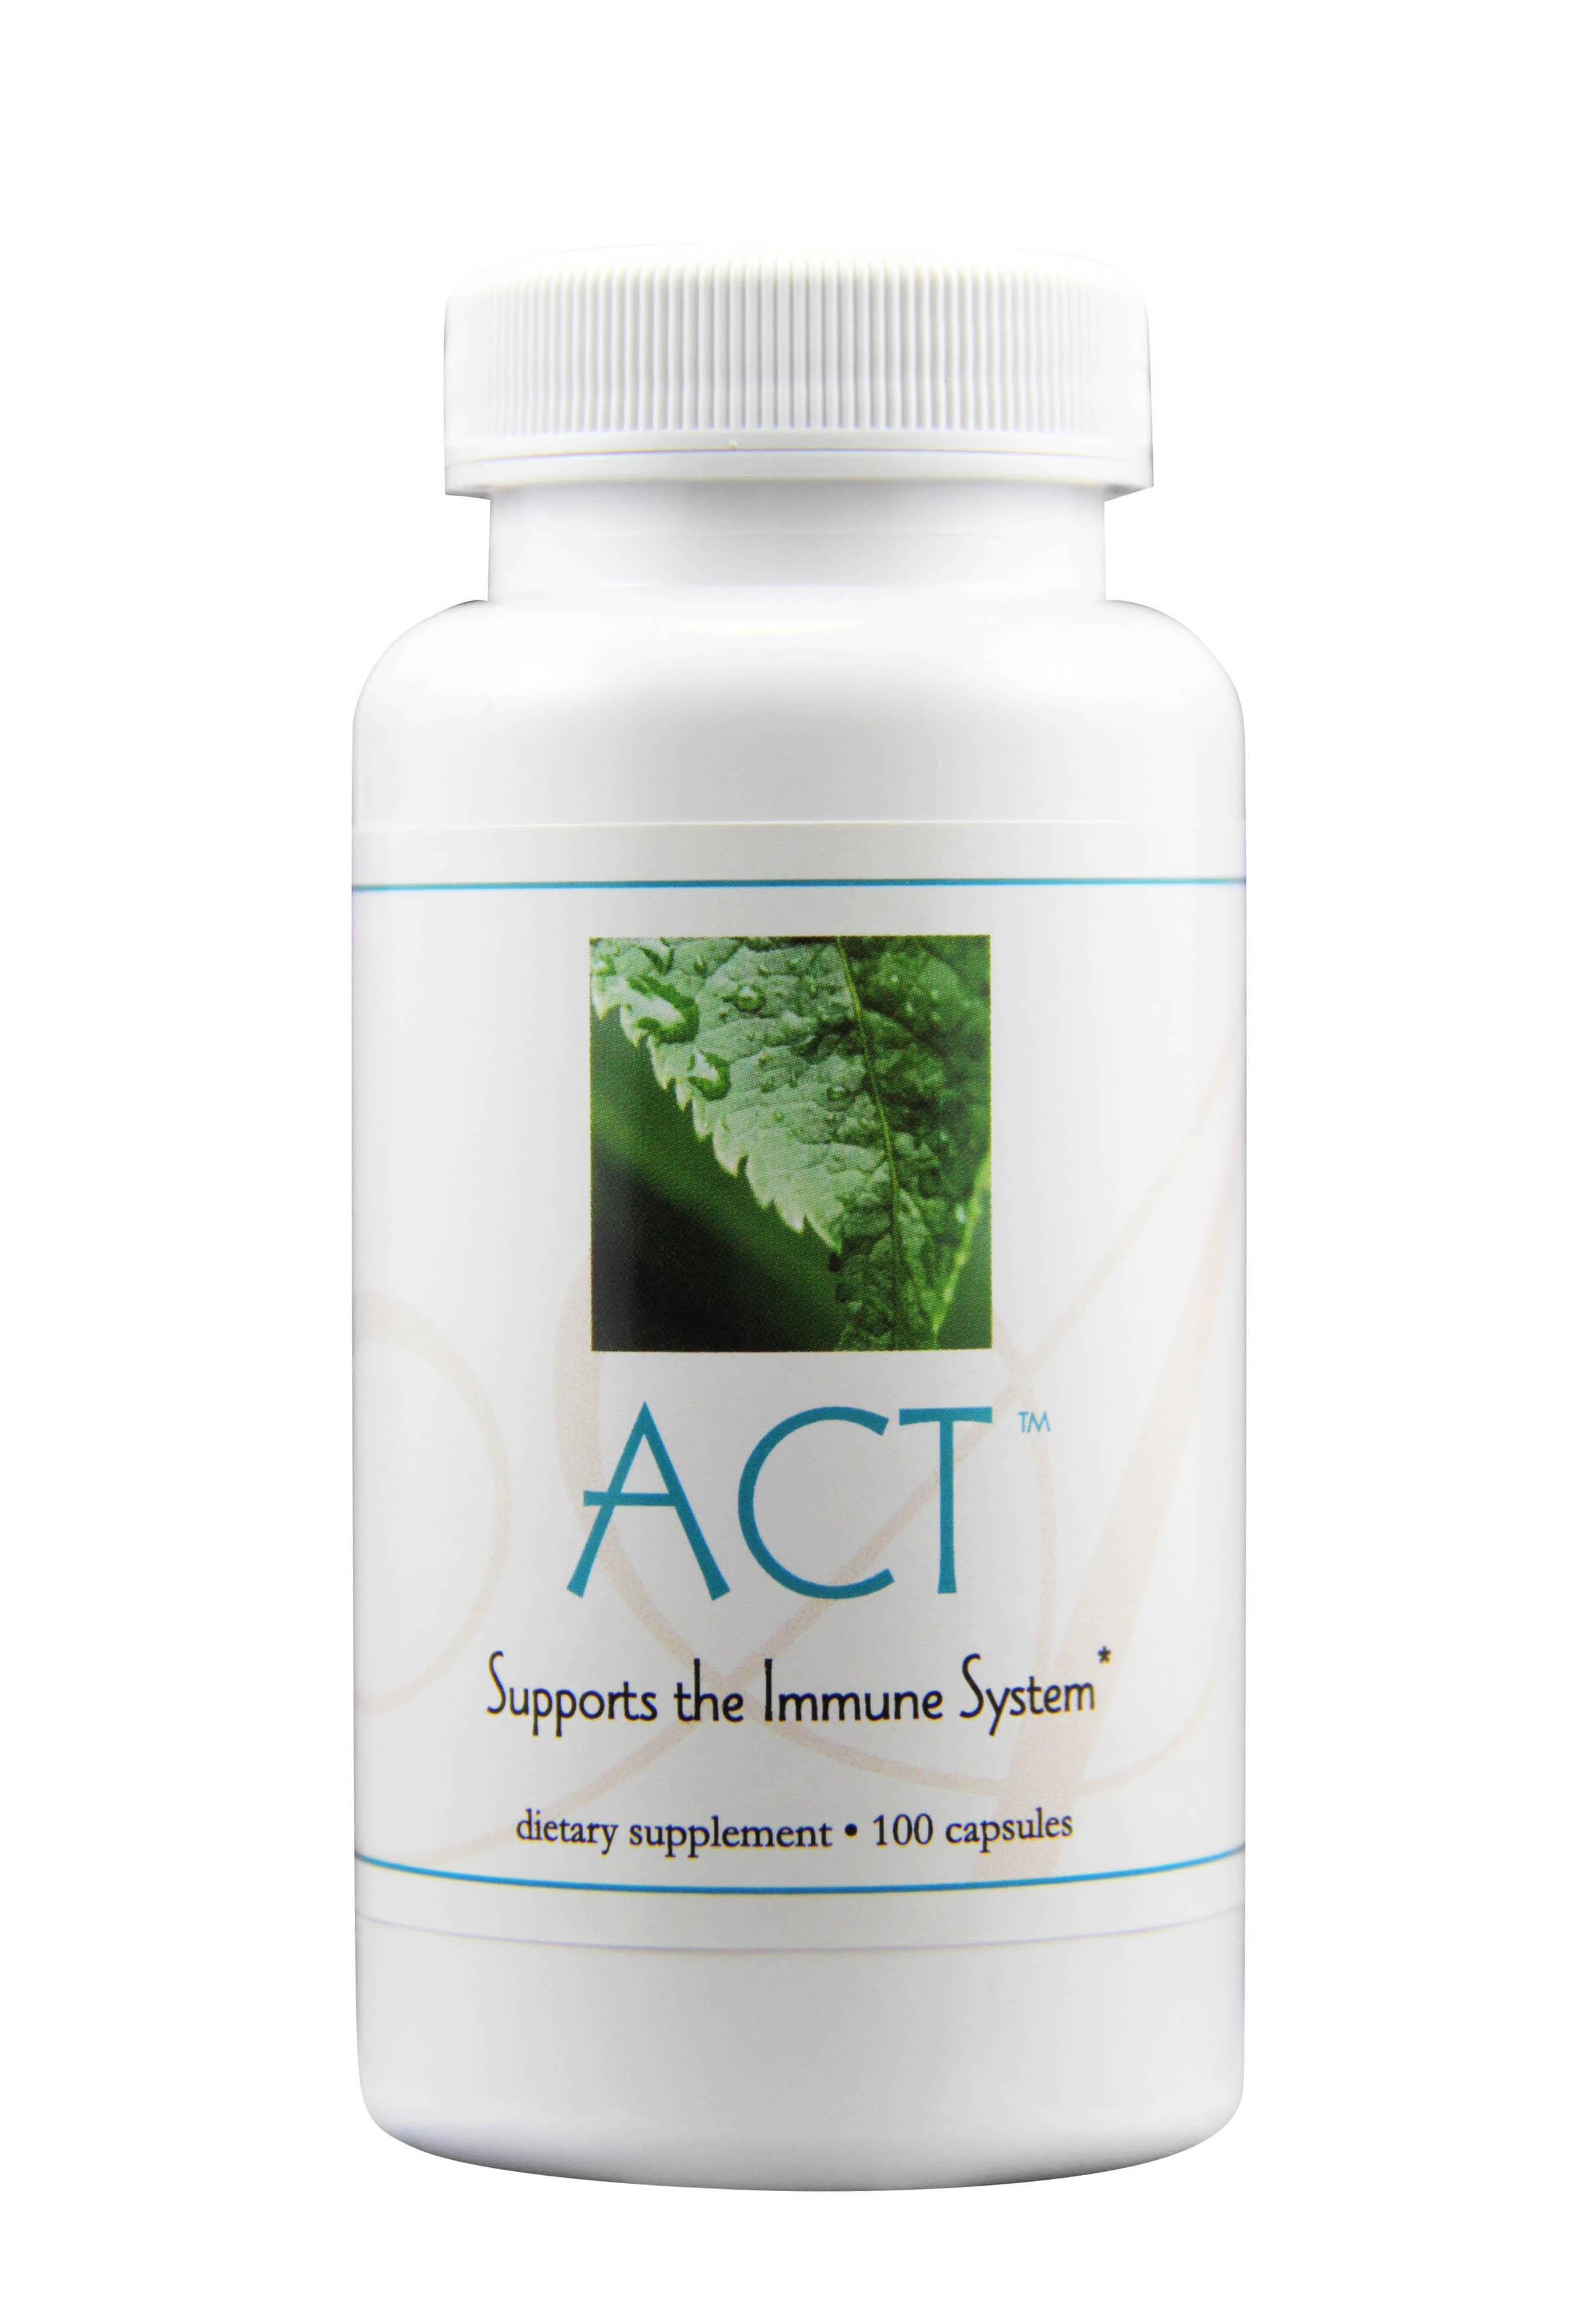 「愛特」 - 維護免疫系統的健康。*